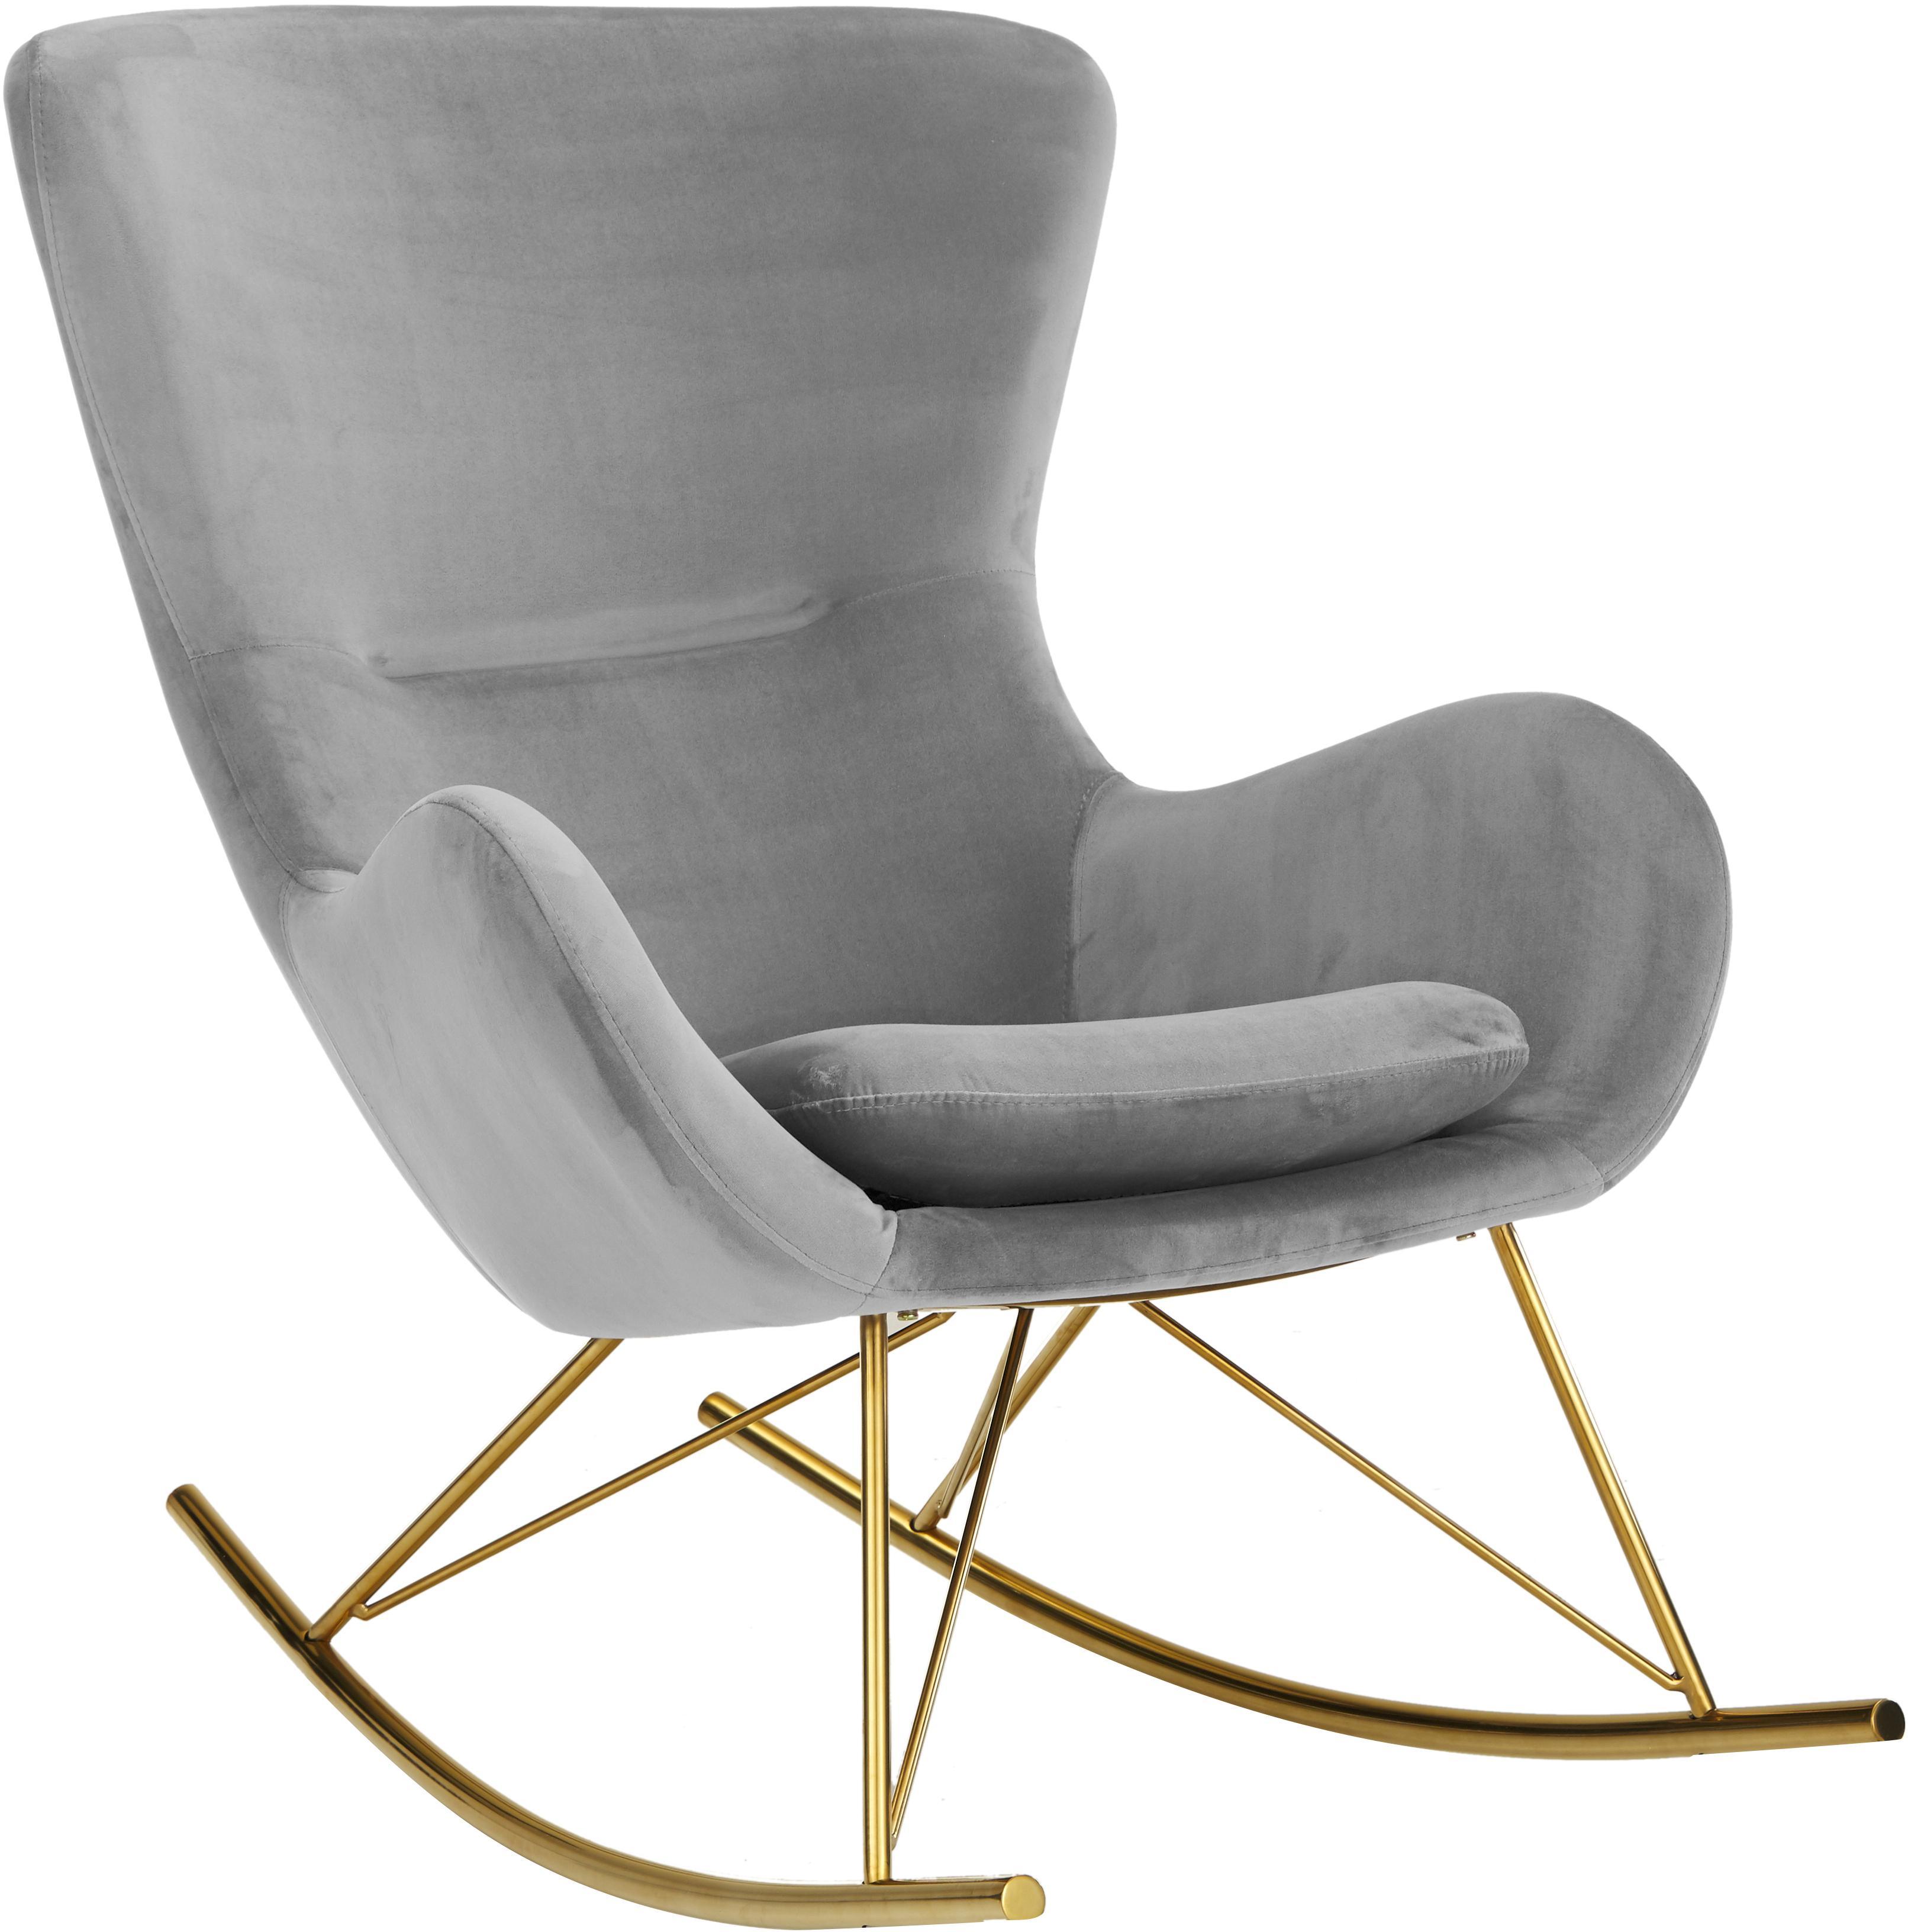 Fluwelen schommelstoel Wing, Bekleding: fluweel (polyester), Frame: gegalvaniseerd metaal, Fluweel grijs, B 77 x D 96 cm